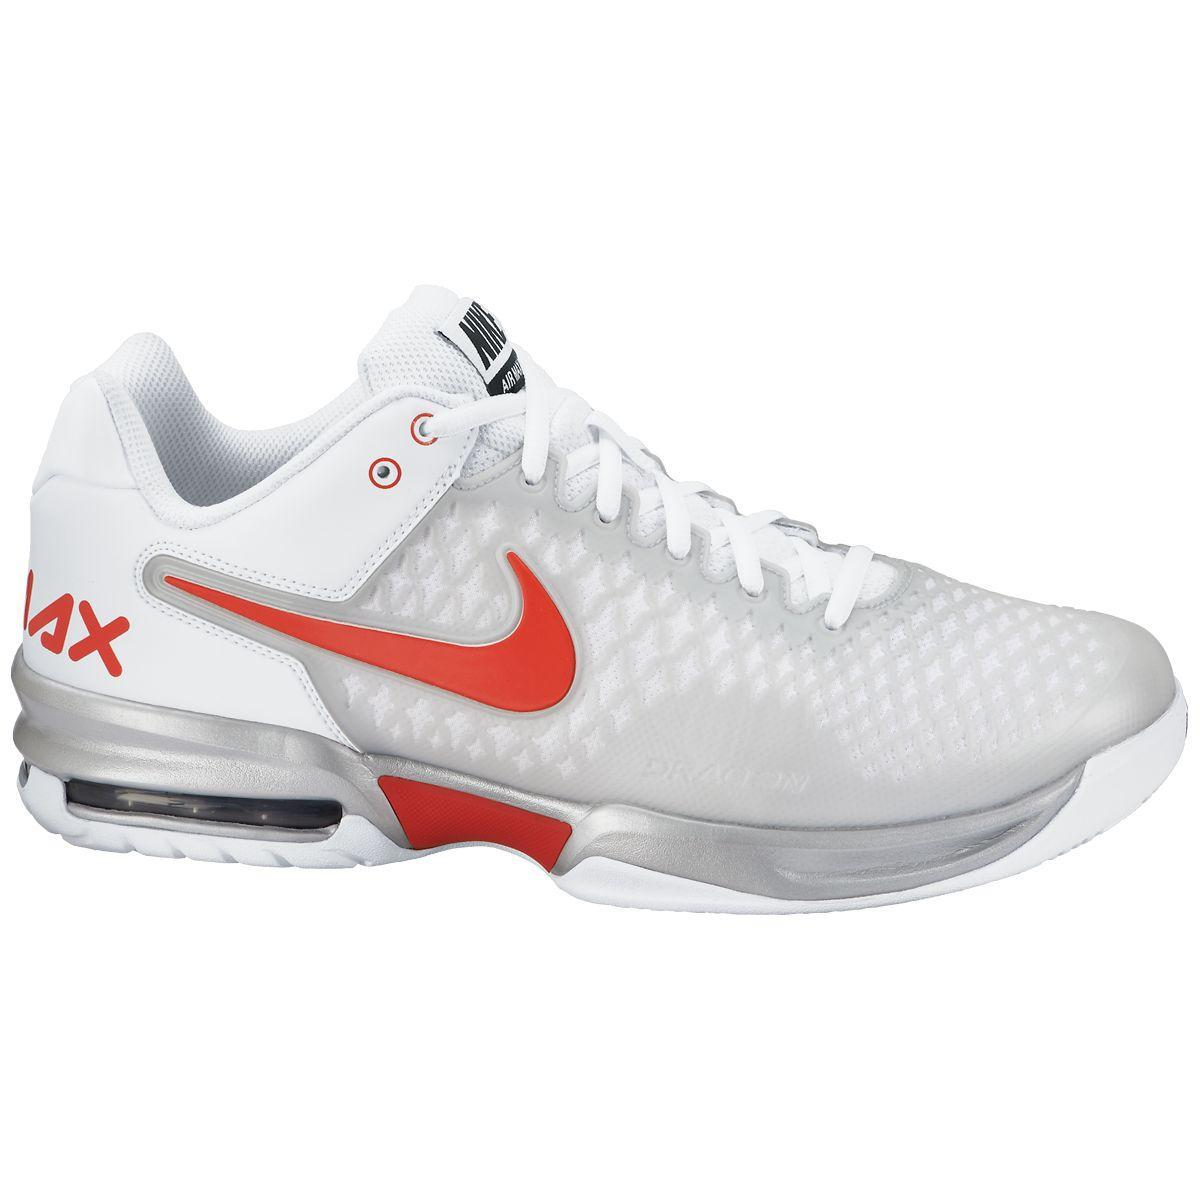 purchase cheap 76f2d 28023 Nike Mens Air Max Cage Tennis Shoes - Silver Light Crimson - Tennisnuts.com